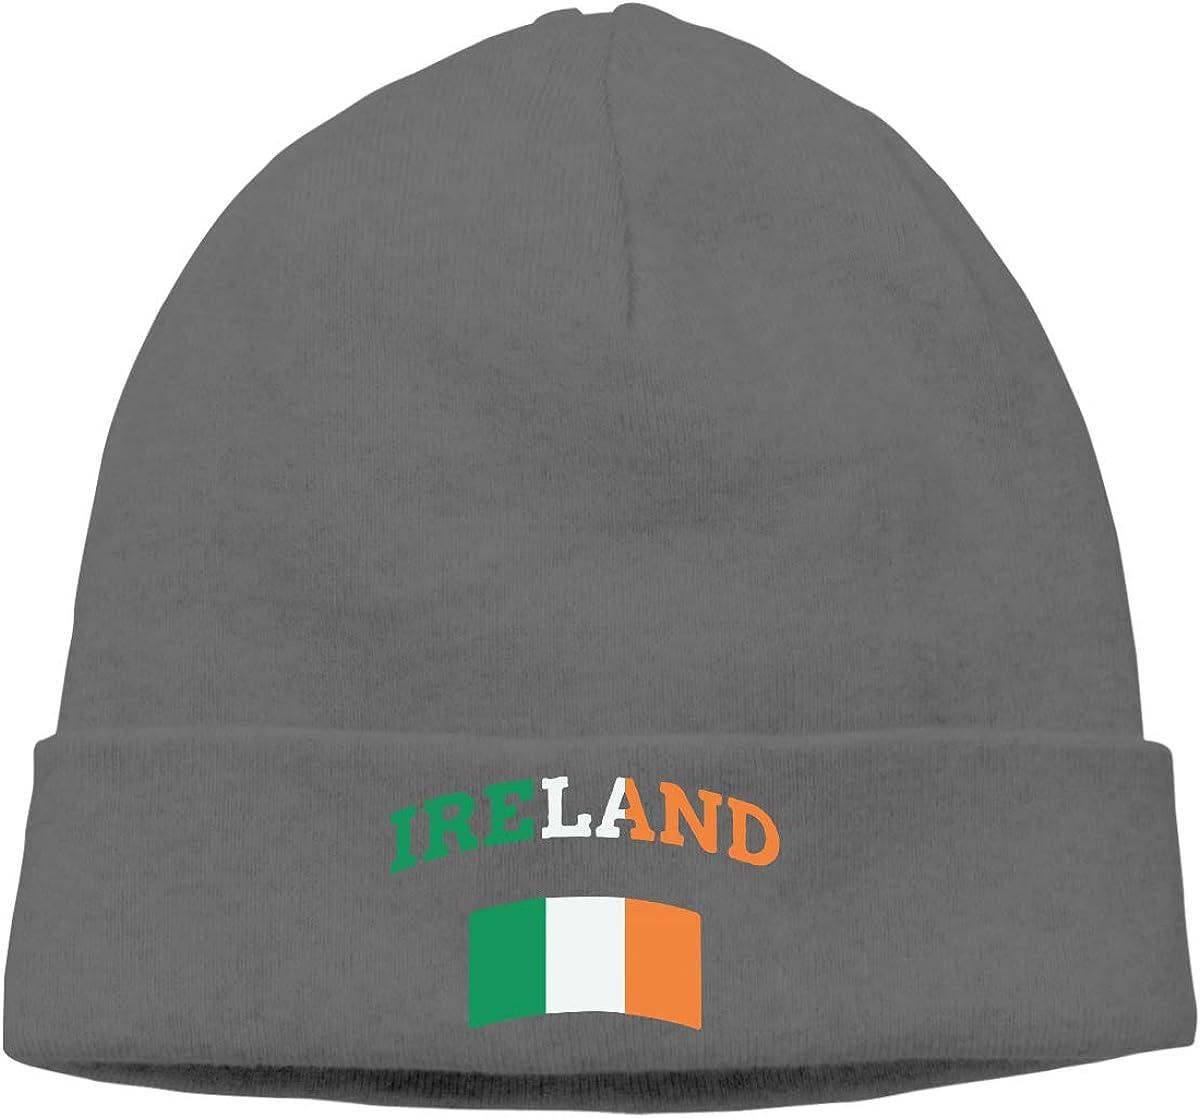 Unisex Vintage Irish Ireland Soft Knit Caps